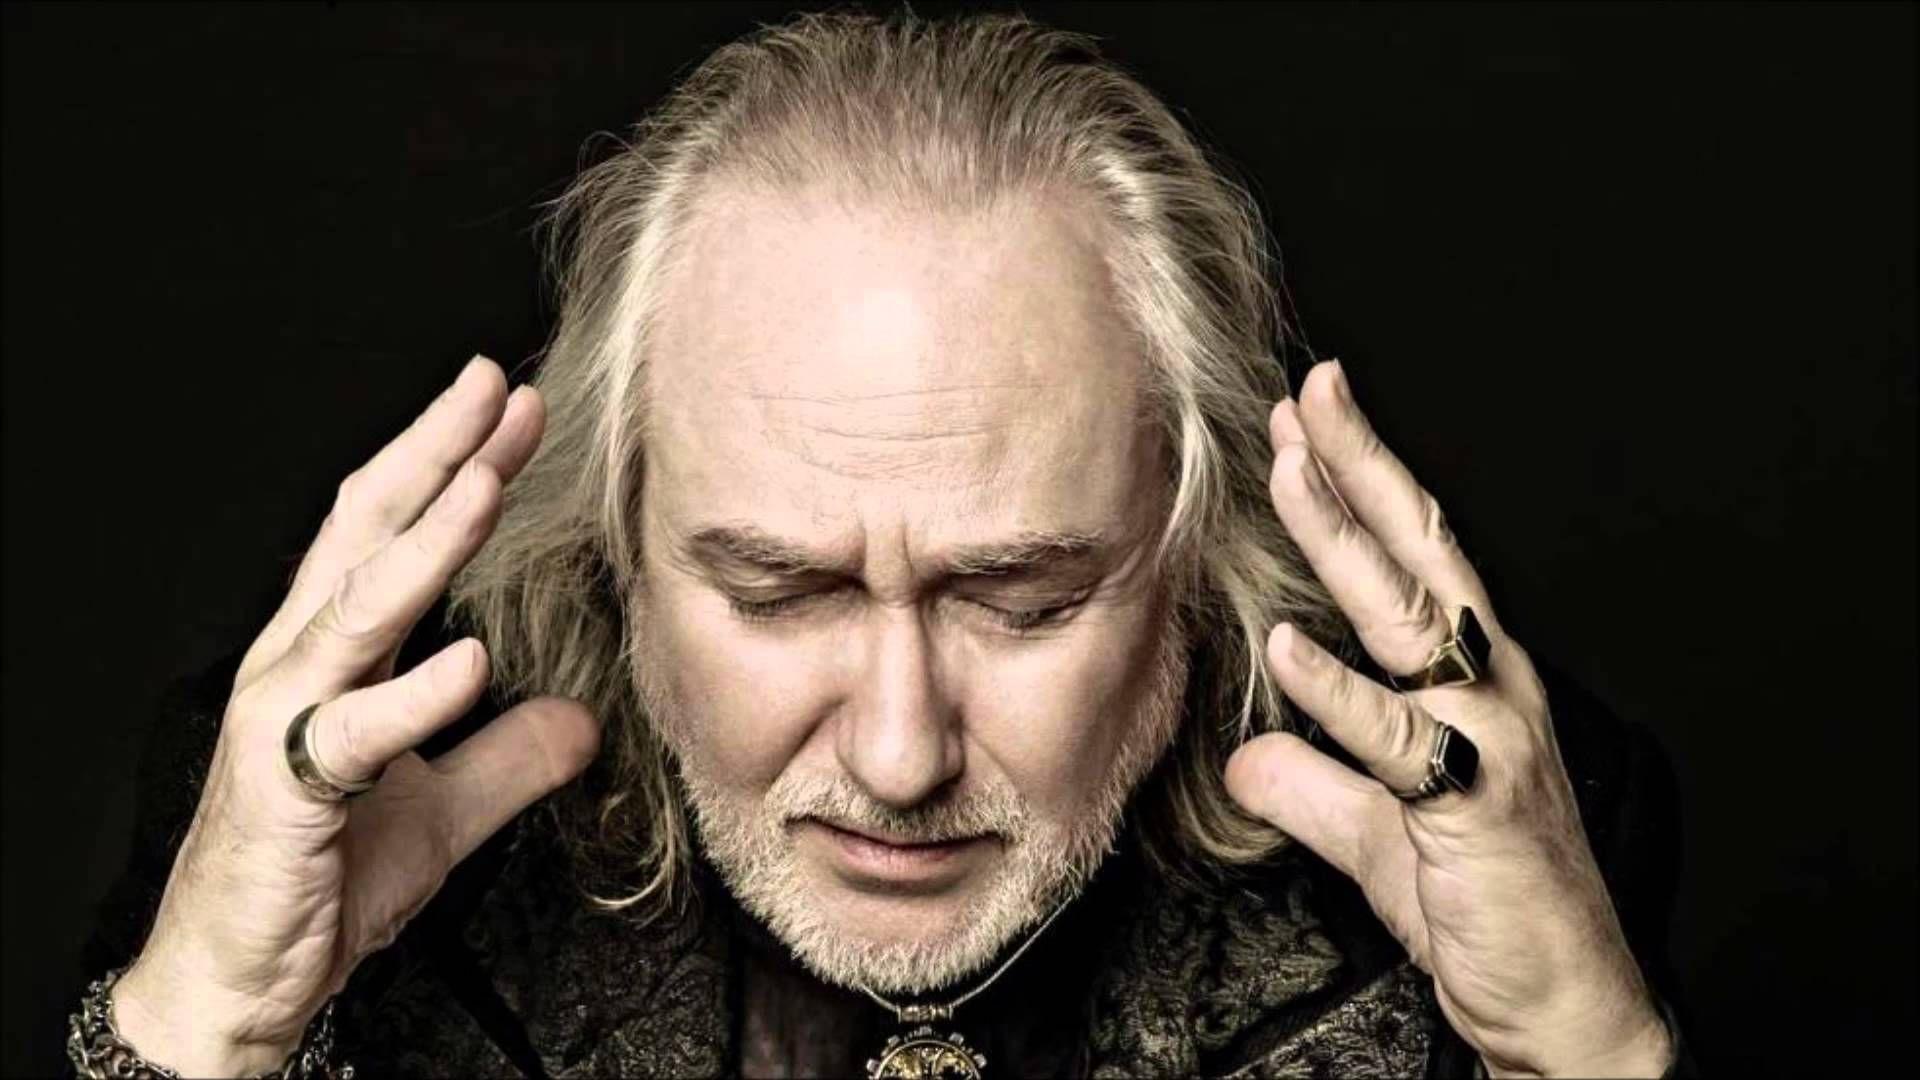 aus dem Album Neumond (25 April 2014) Künstler: Joachim Witt OHNE DICH Ohne Dich Ich hör deine Stimme noch so als wärst du hier Trage dein Gedankengut ganz t...